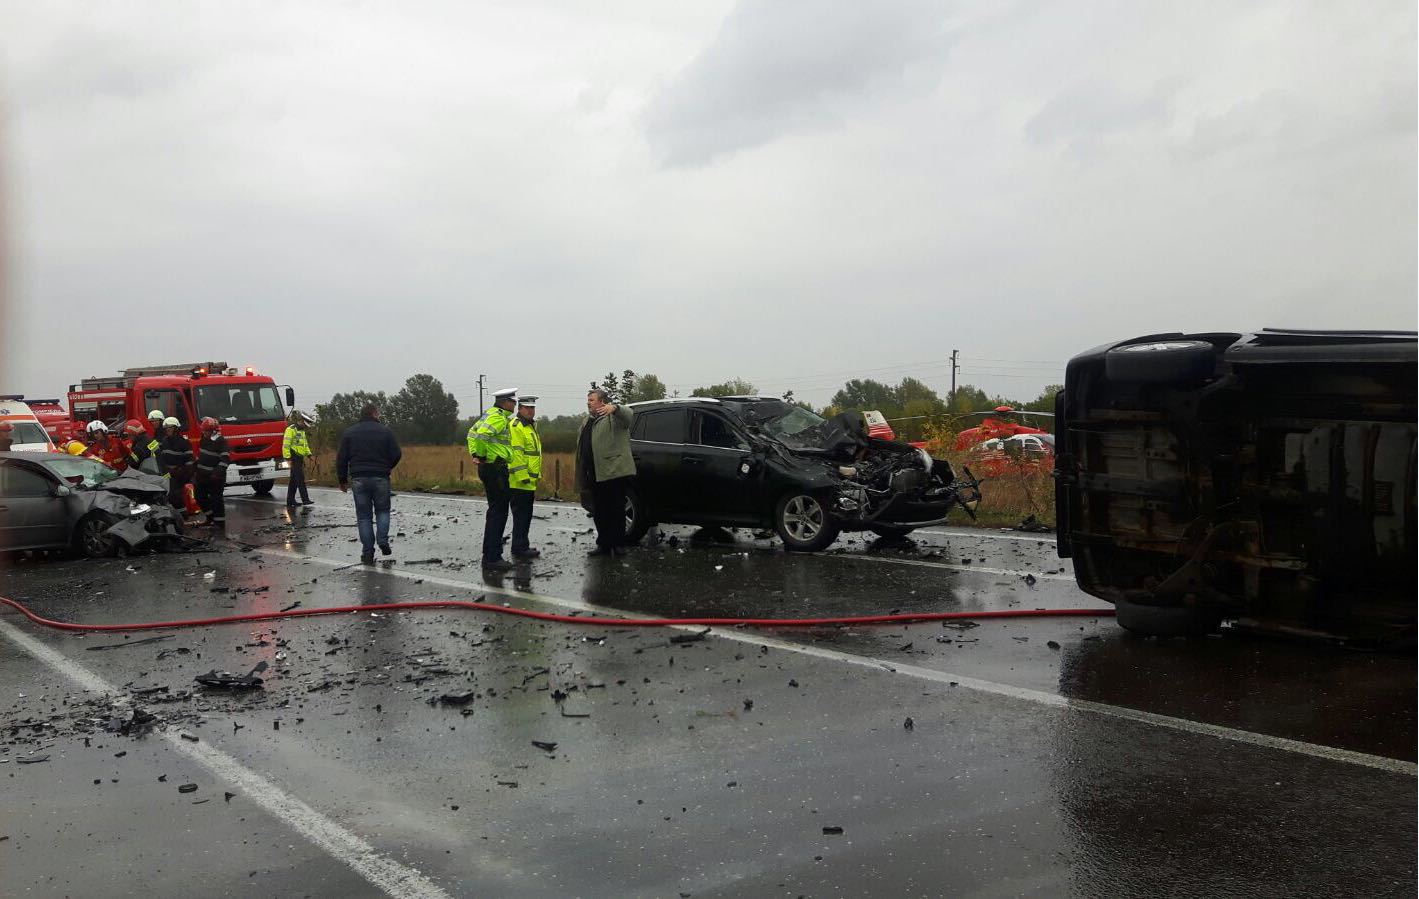 Accident GRAV lângă Urziceni: O persoană a murit, iar alte 14 au fost rănite. O victimă în stare gravă, transportată cu elicopterul la Floreasca. UPDATE: Traficul pe DN2 a revenit la normal- FOTO